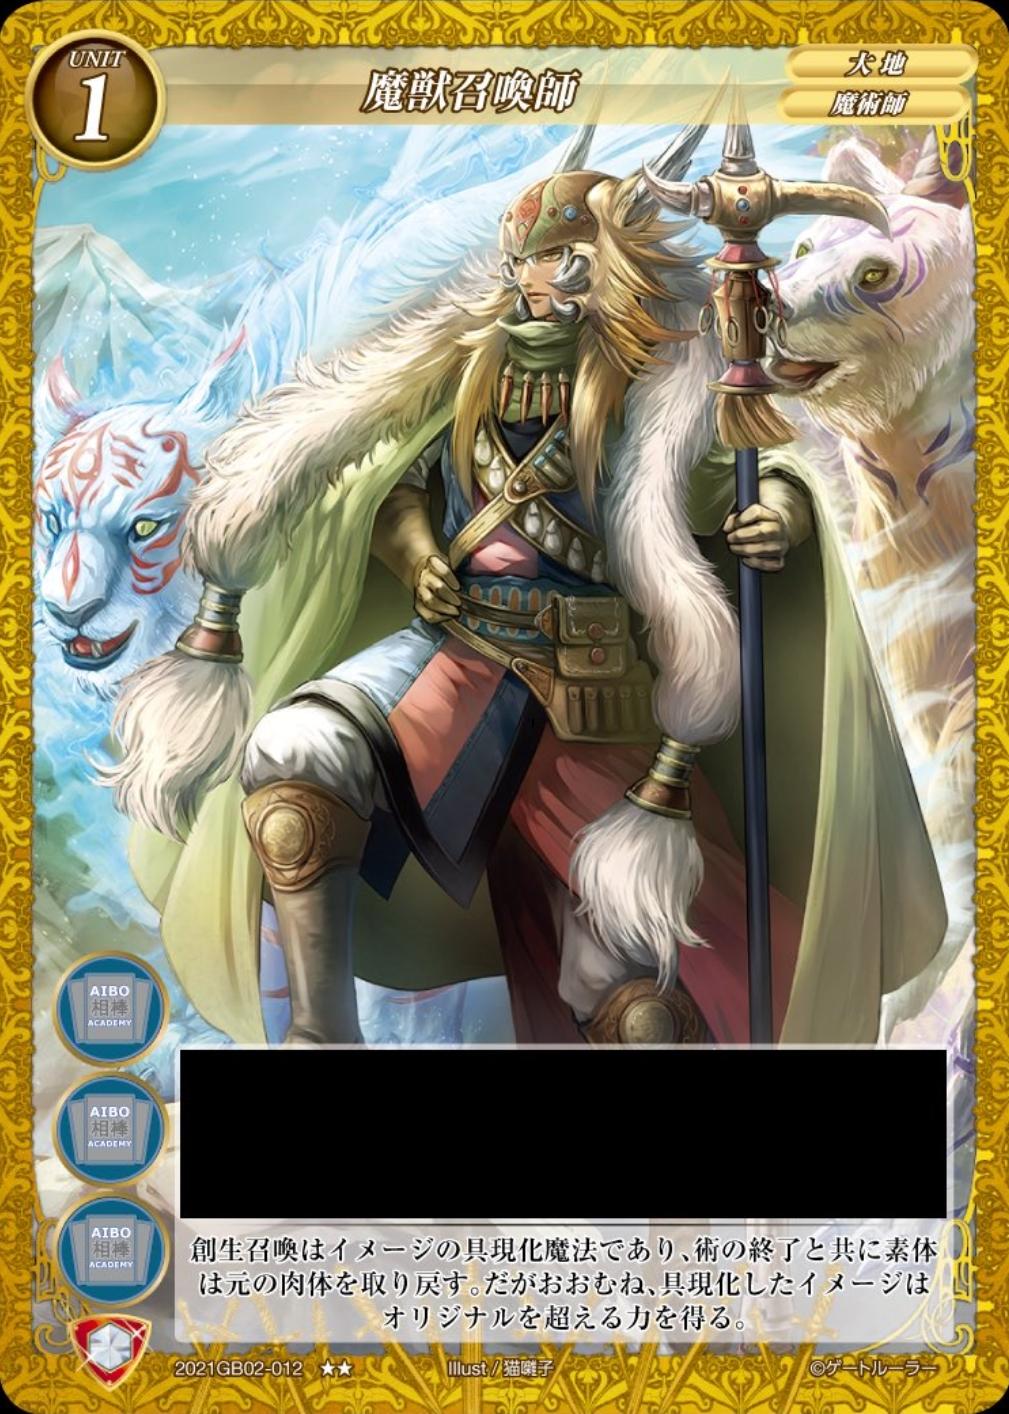 魔獣召喚師/The Legendary-Beast Summoning Master